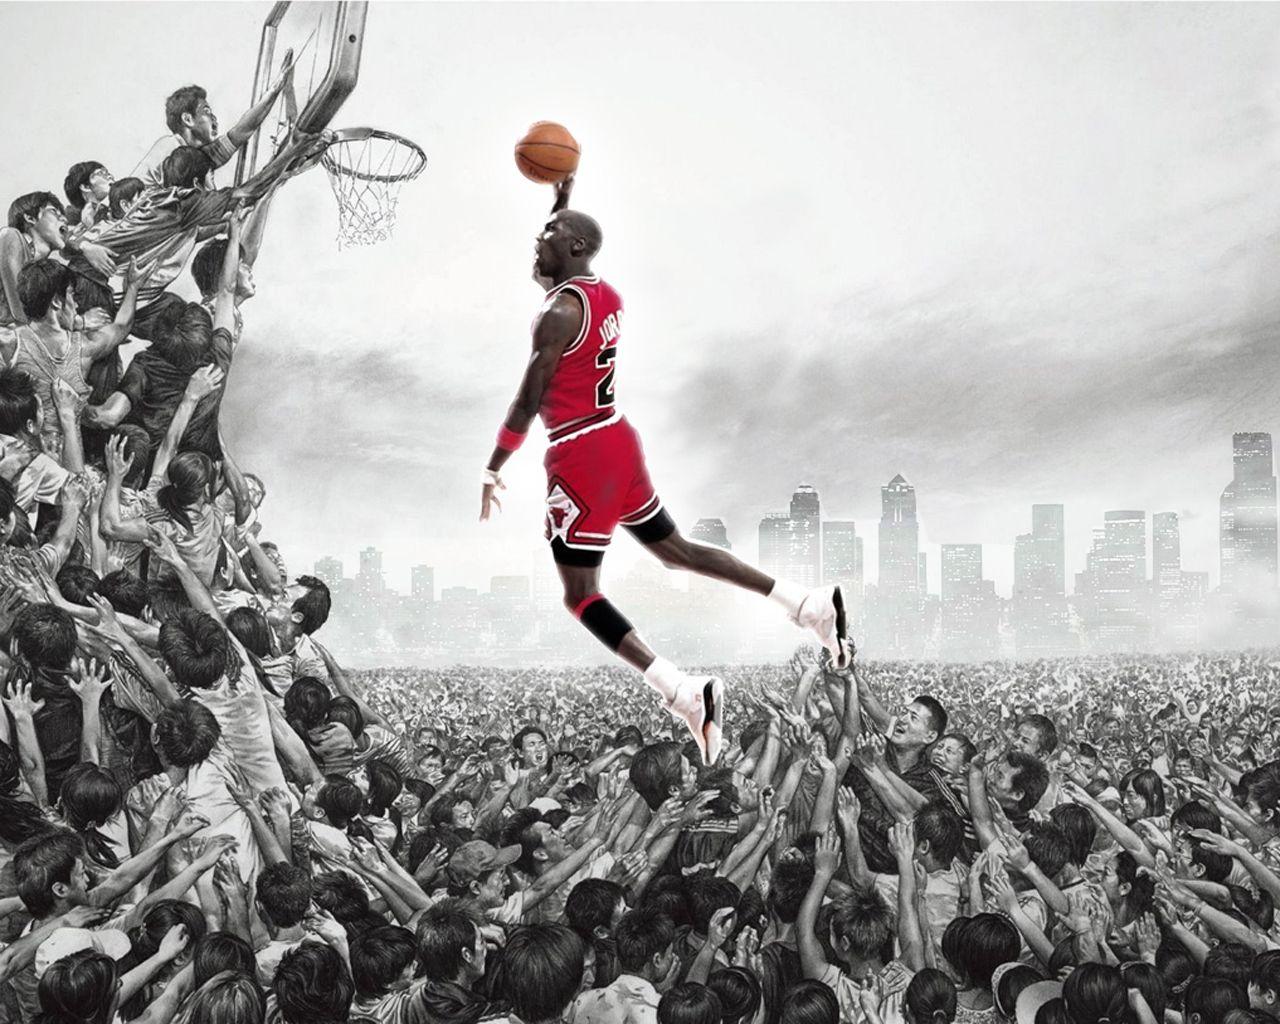 MJ wallpaper Michael jordan chicago bulls, Michael